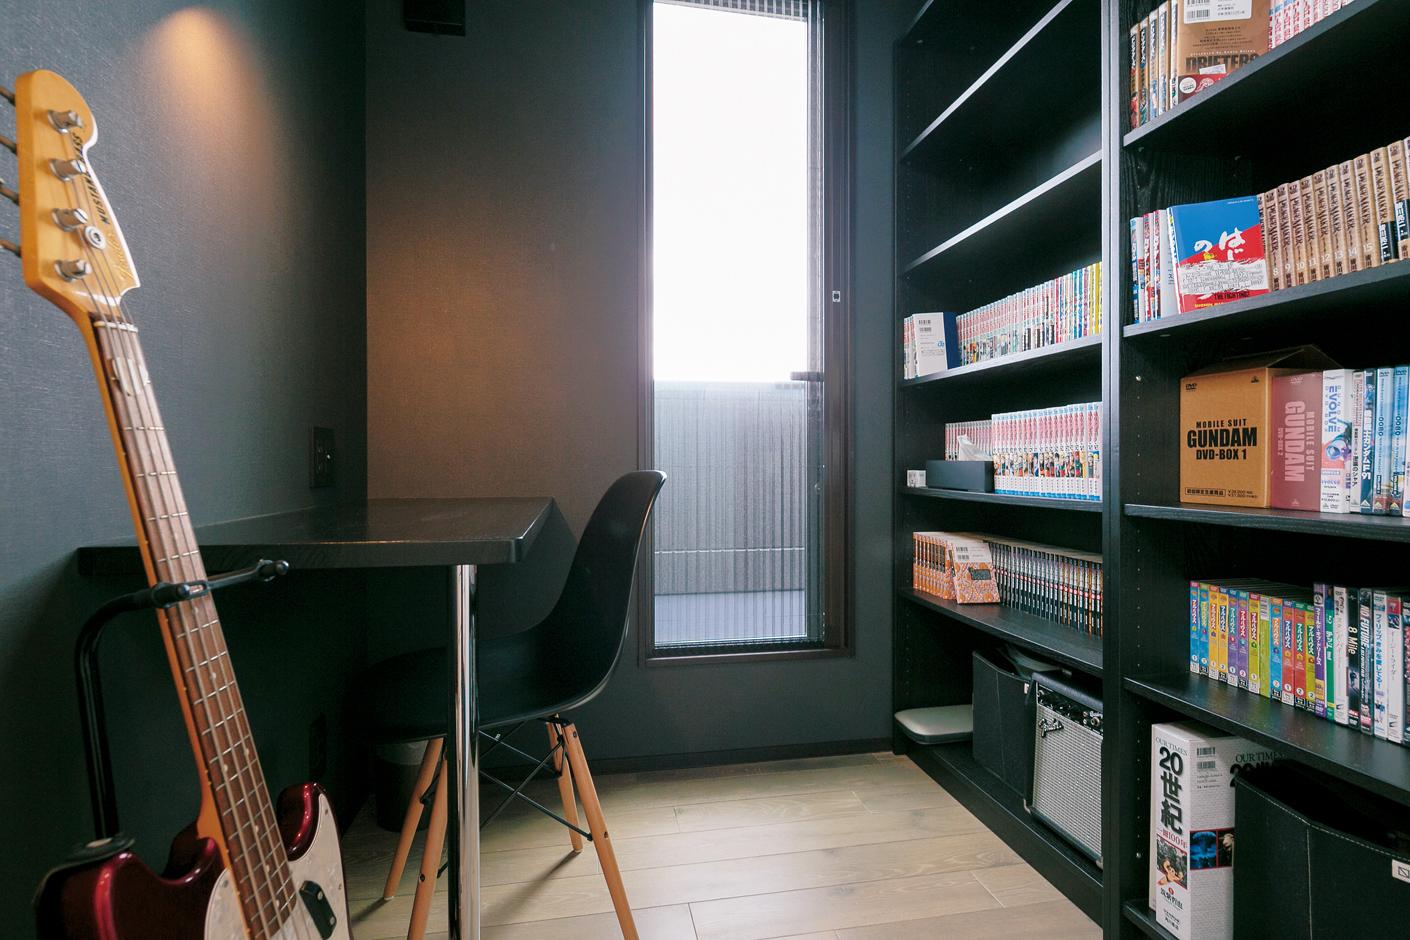 納得住宅工房【デザイン住宅、趣味、間取り】2畳の書斎。お一人様の優雅な時間を楽しめる